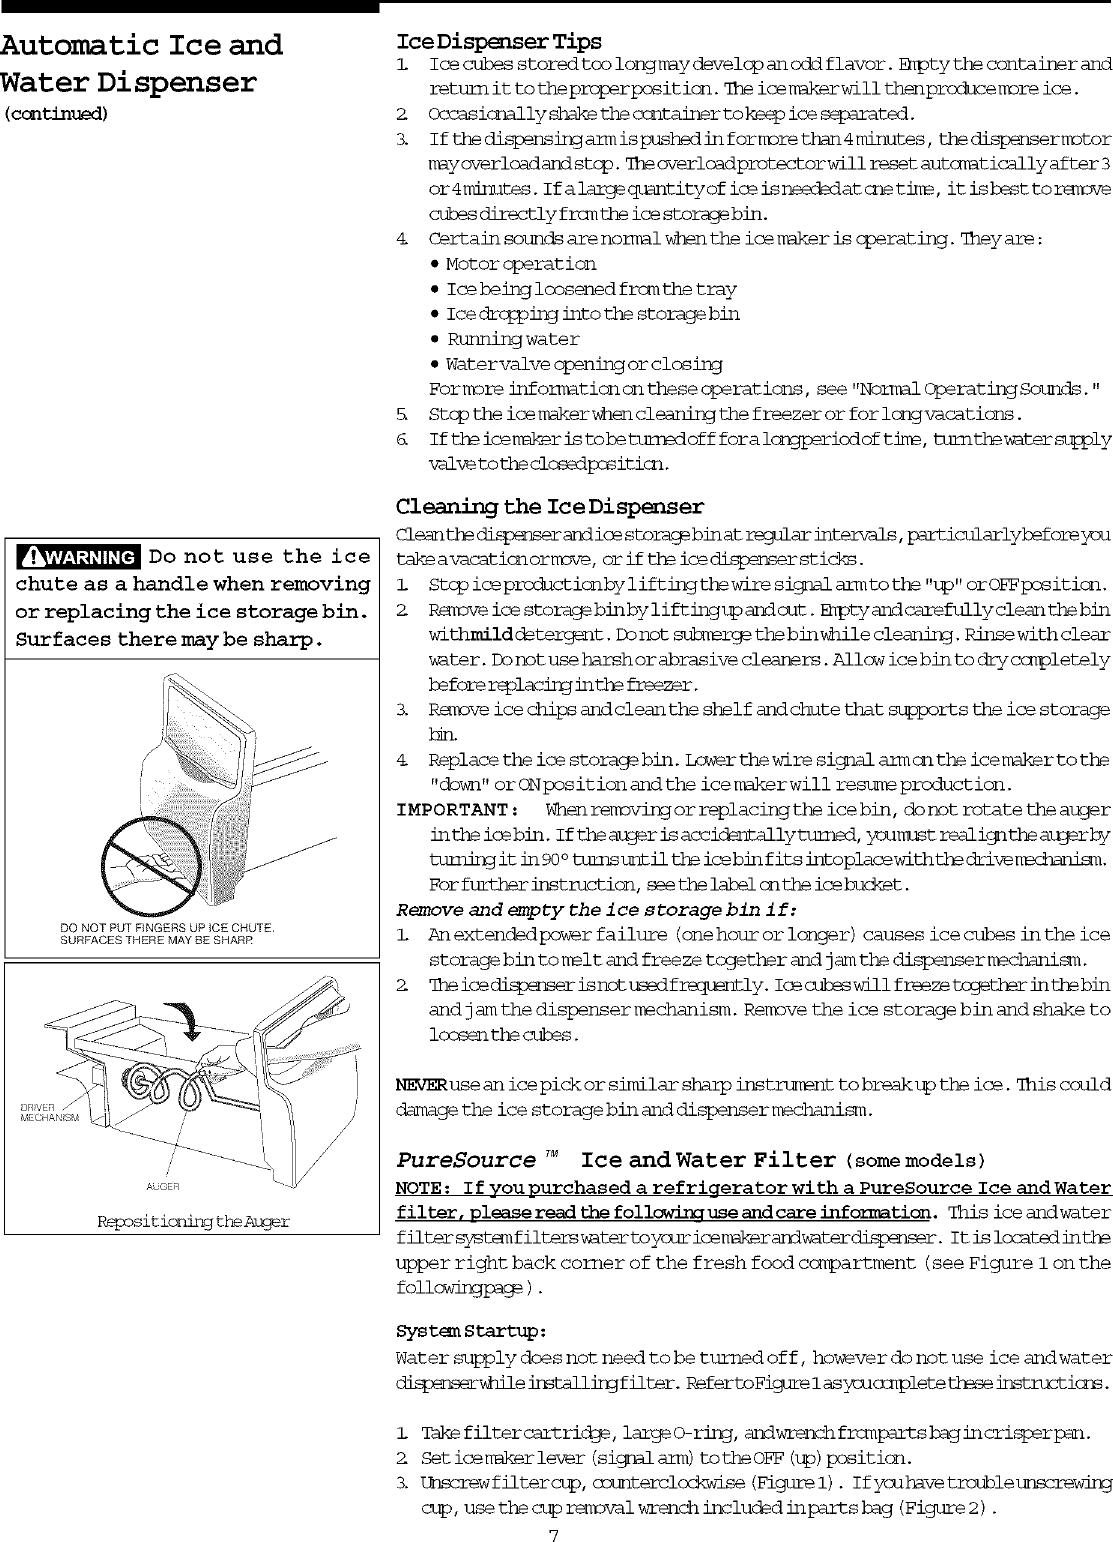 Frigidaire FRS20ZRGB1 User Manual SIDE BY REFRIGERATOR